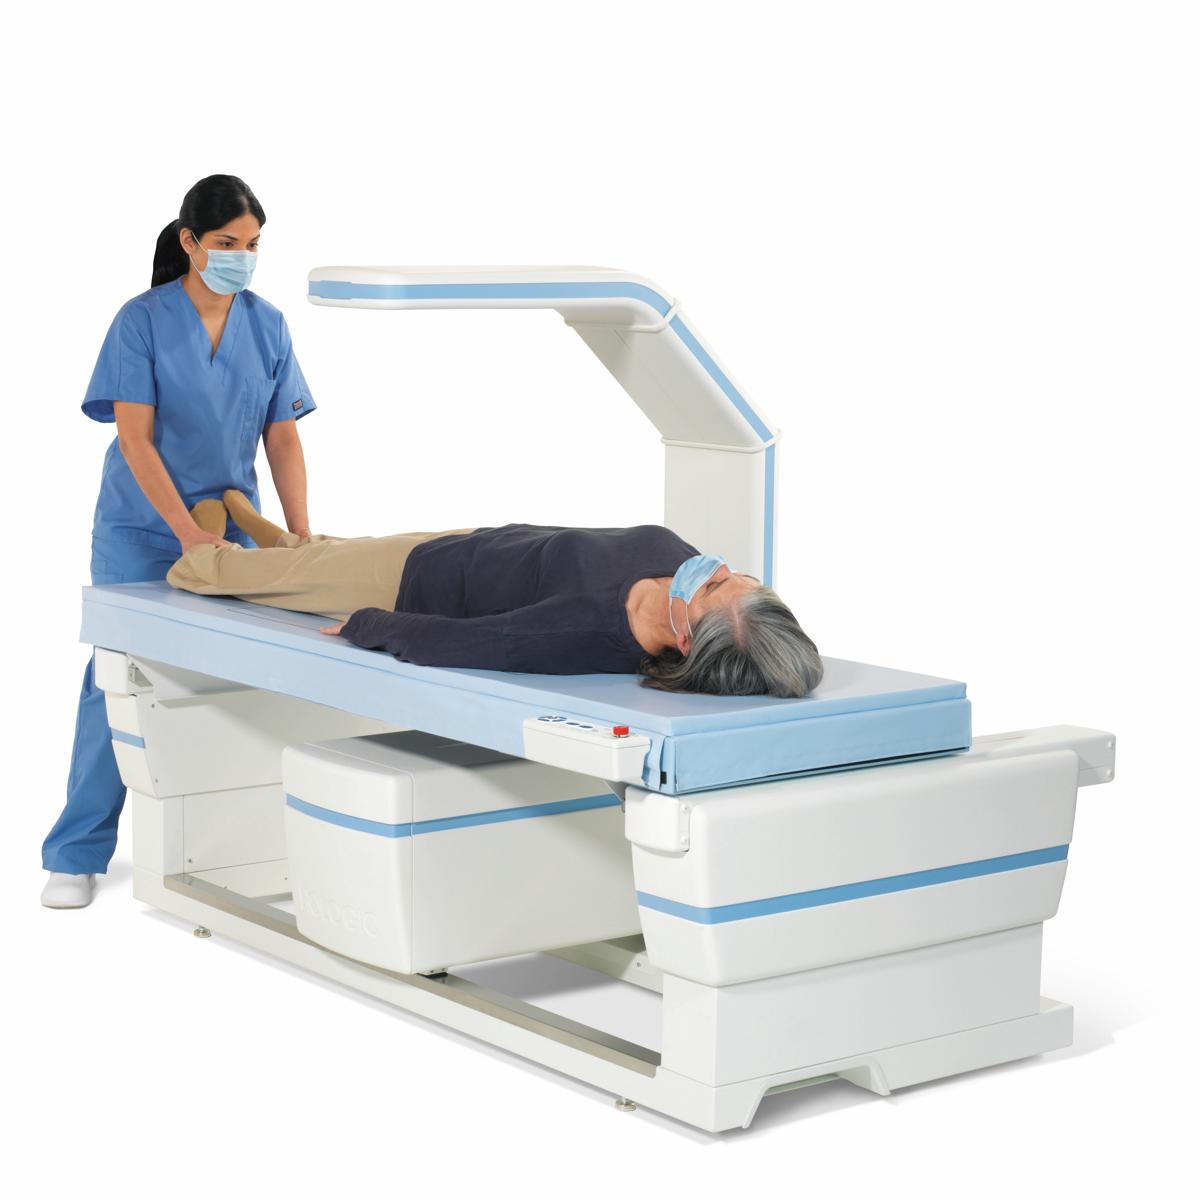 An image of an DXA scan machine